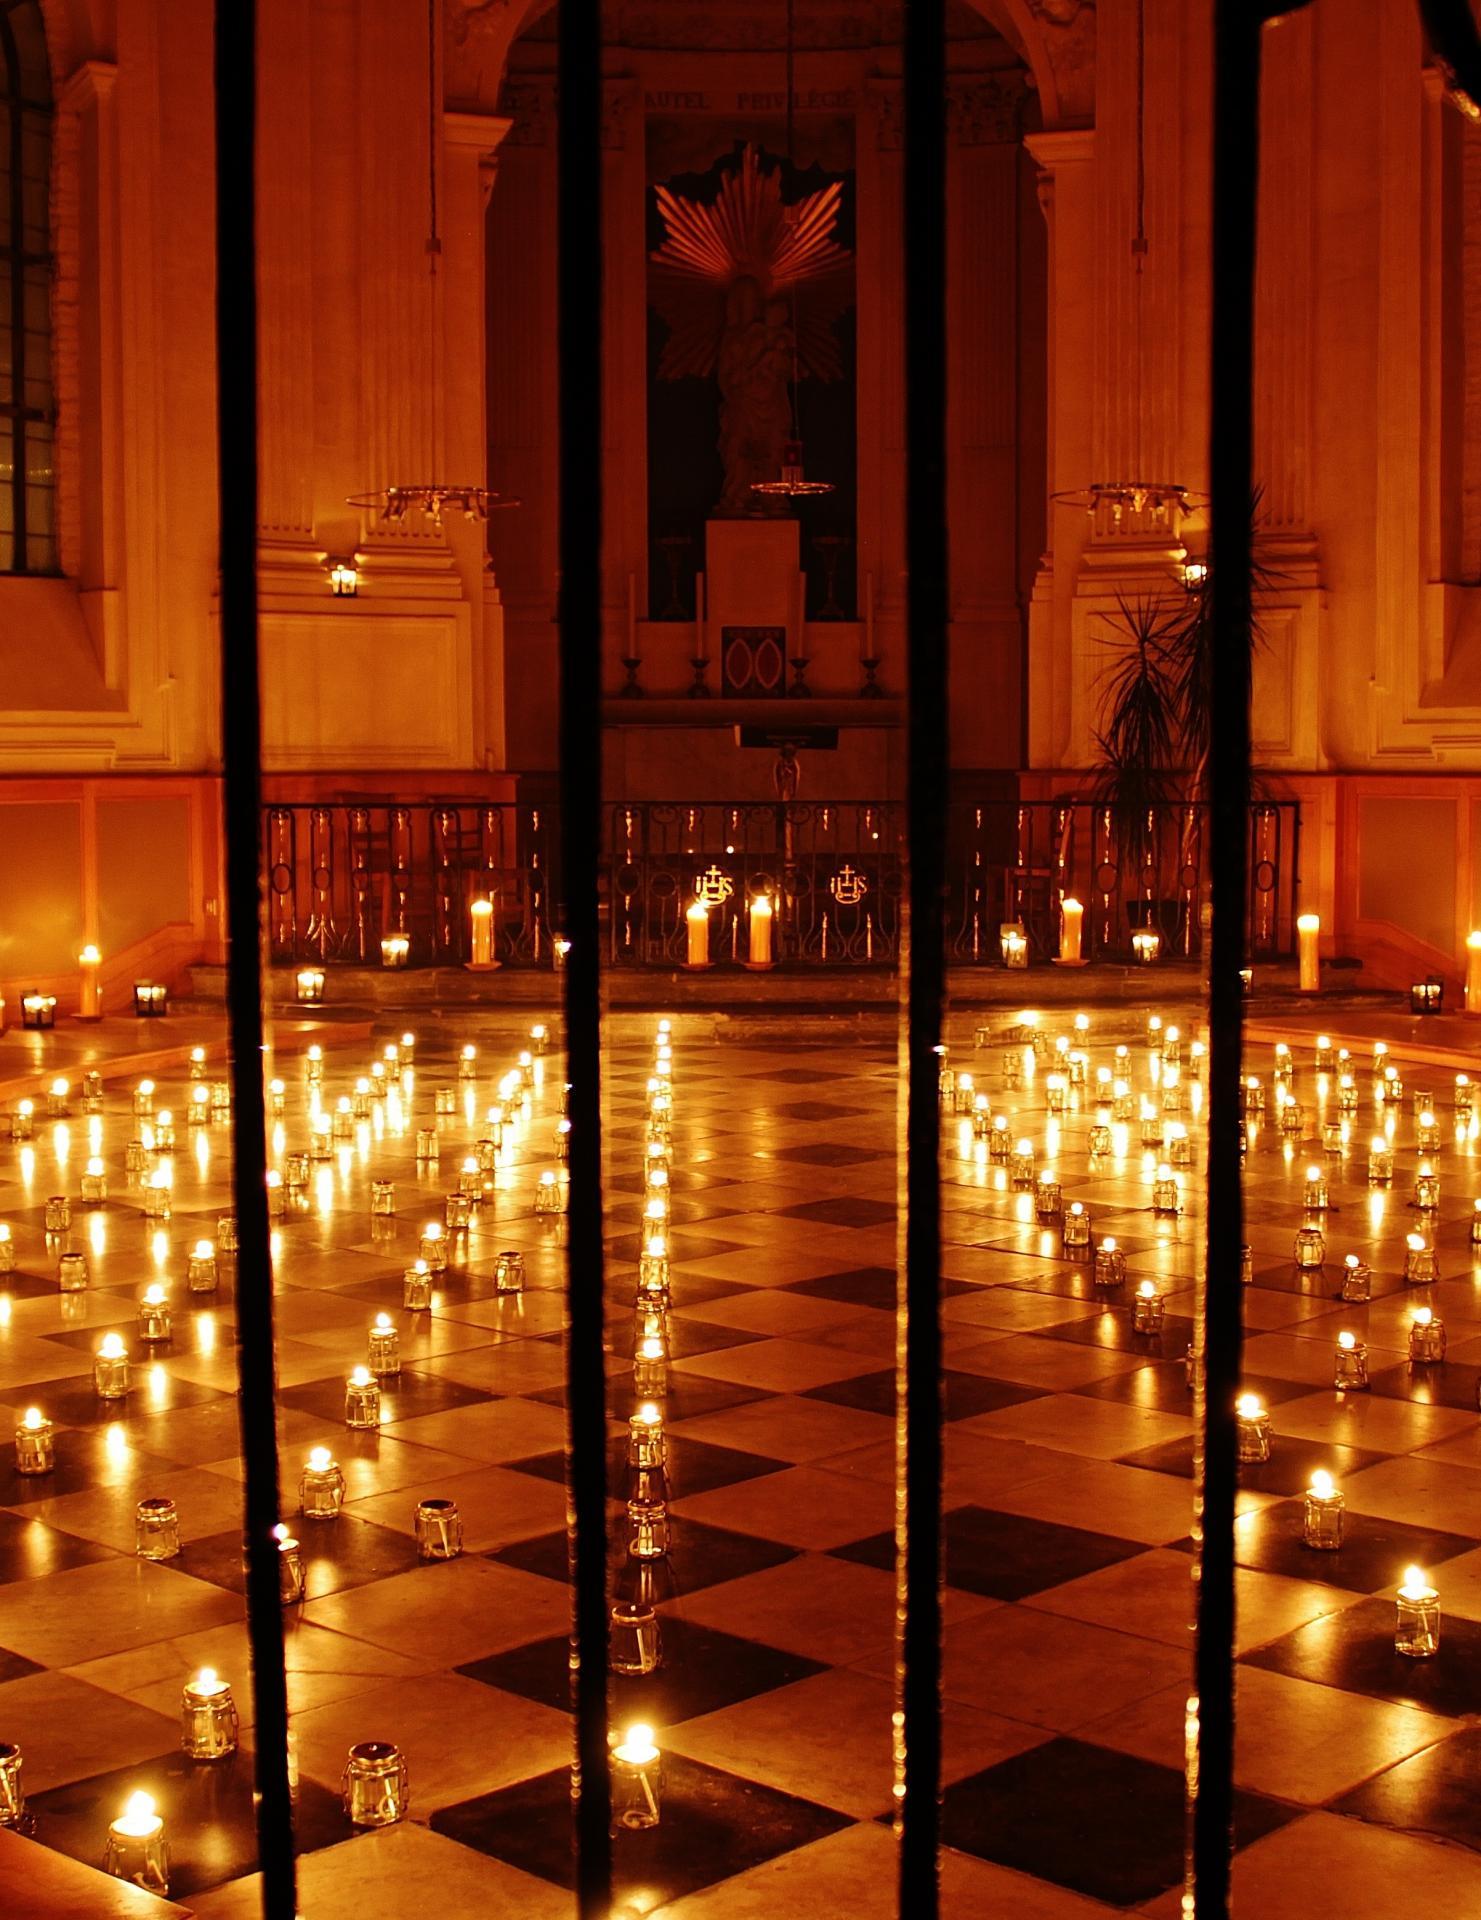 Chapelle de la vierge eglise notre dame de calais